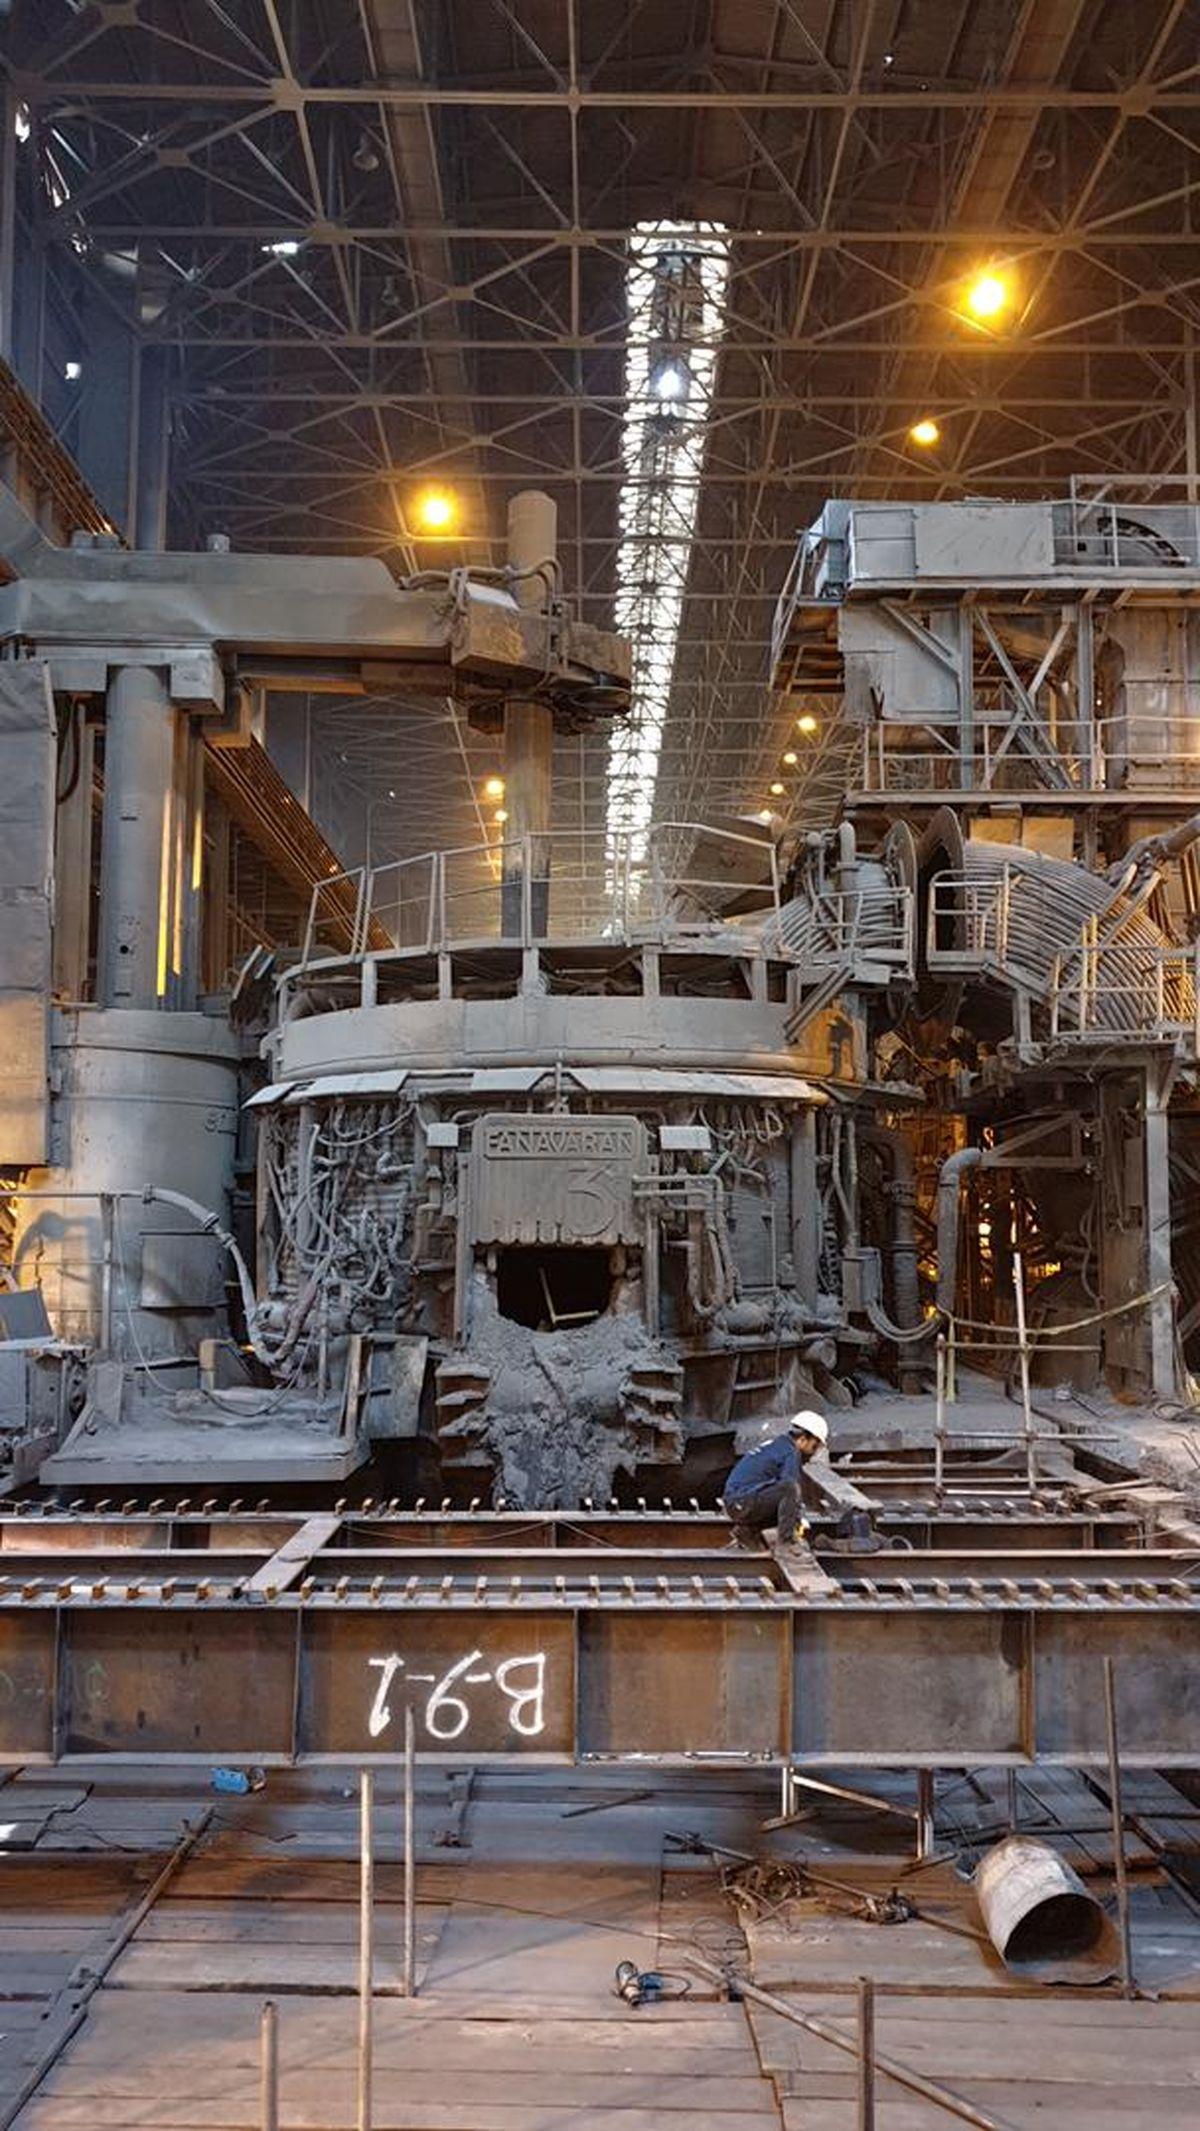 اصلاح کامل یک سازه کلیدی فولاد خراسان برای نخستین بار از زمان راه اندازی